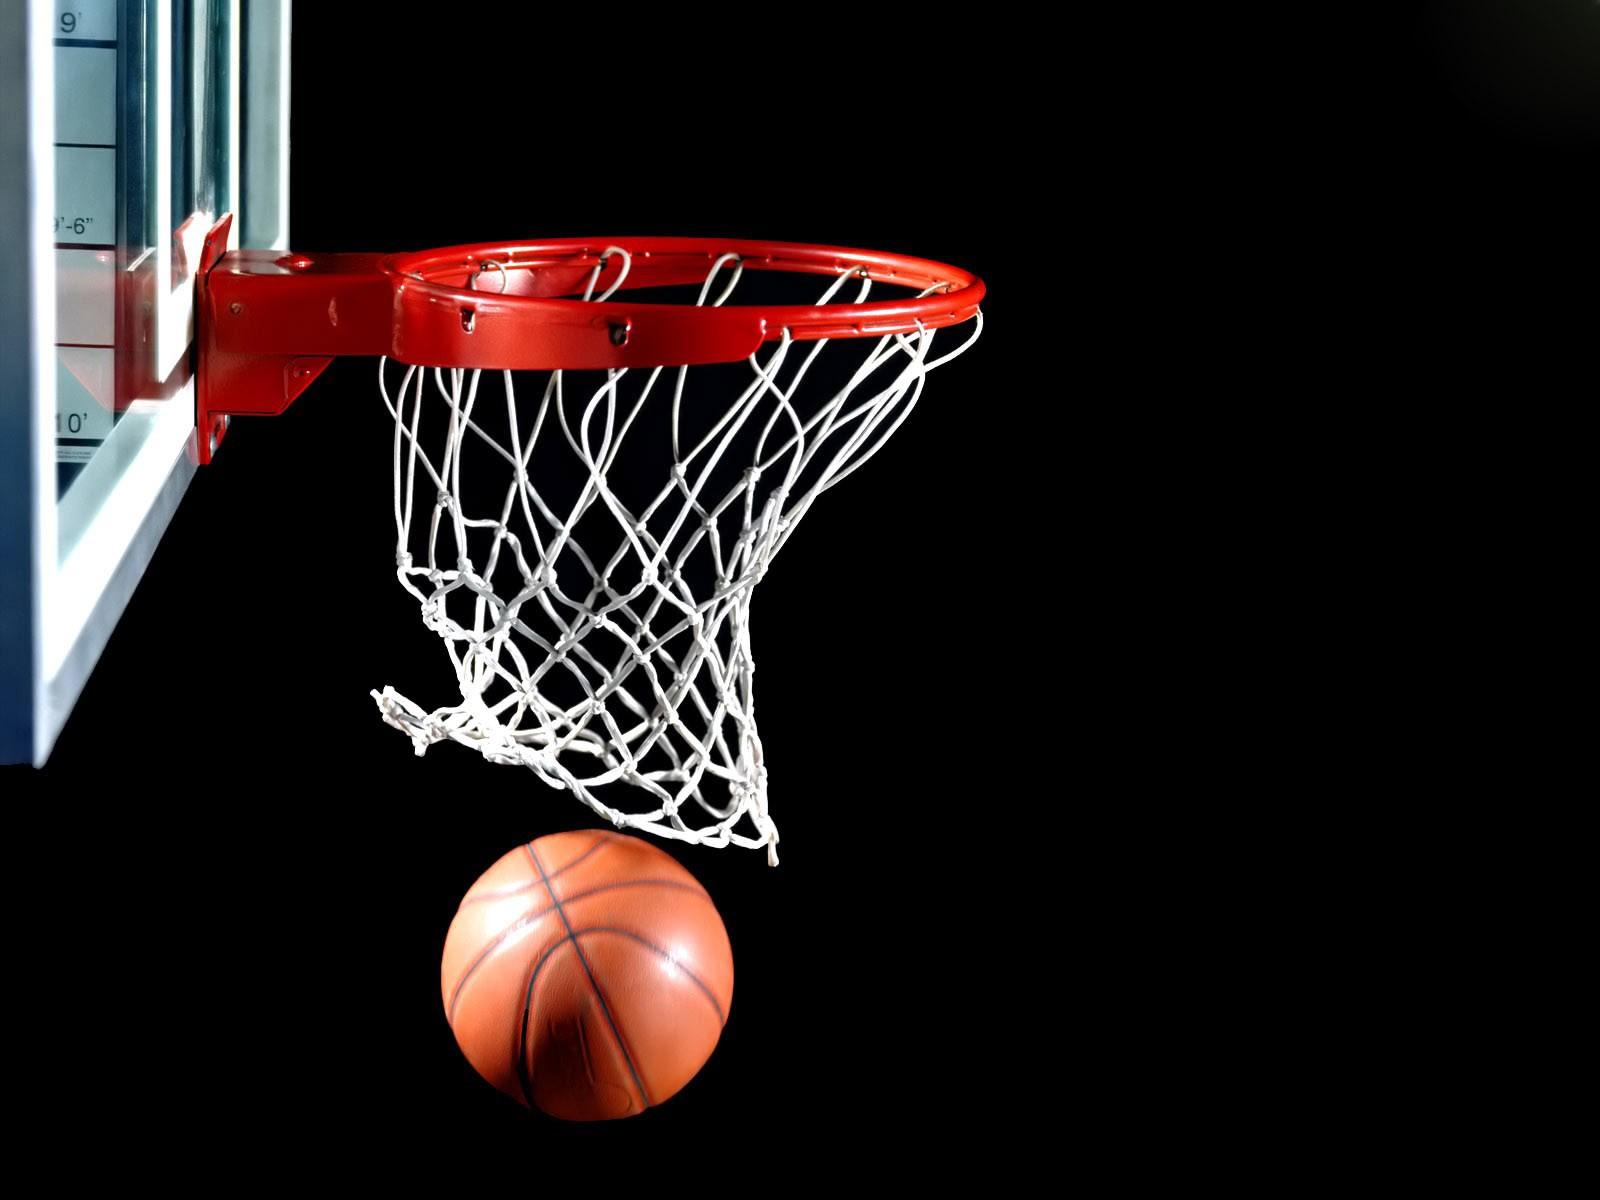 Спорт баскетбол баскетбол баскетбол